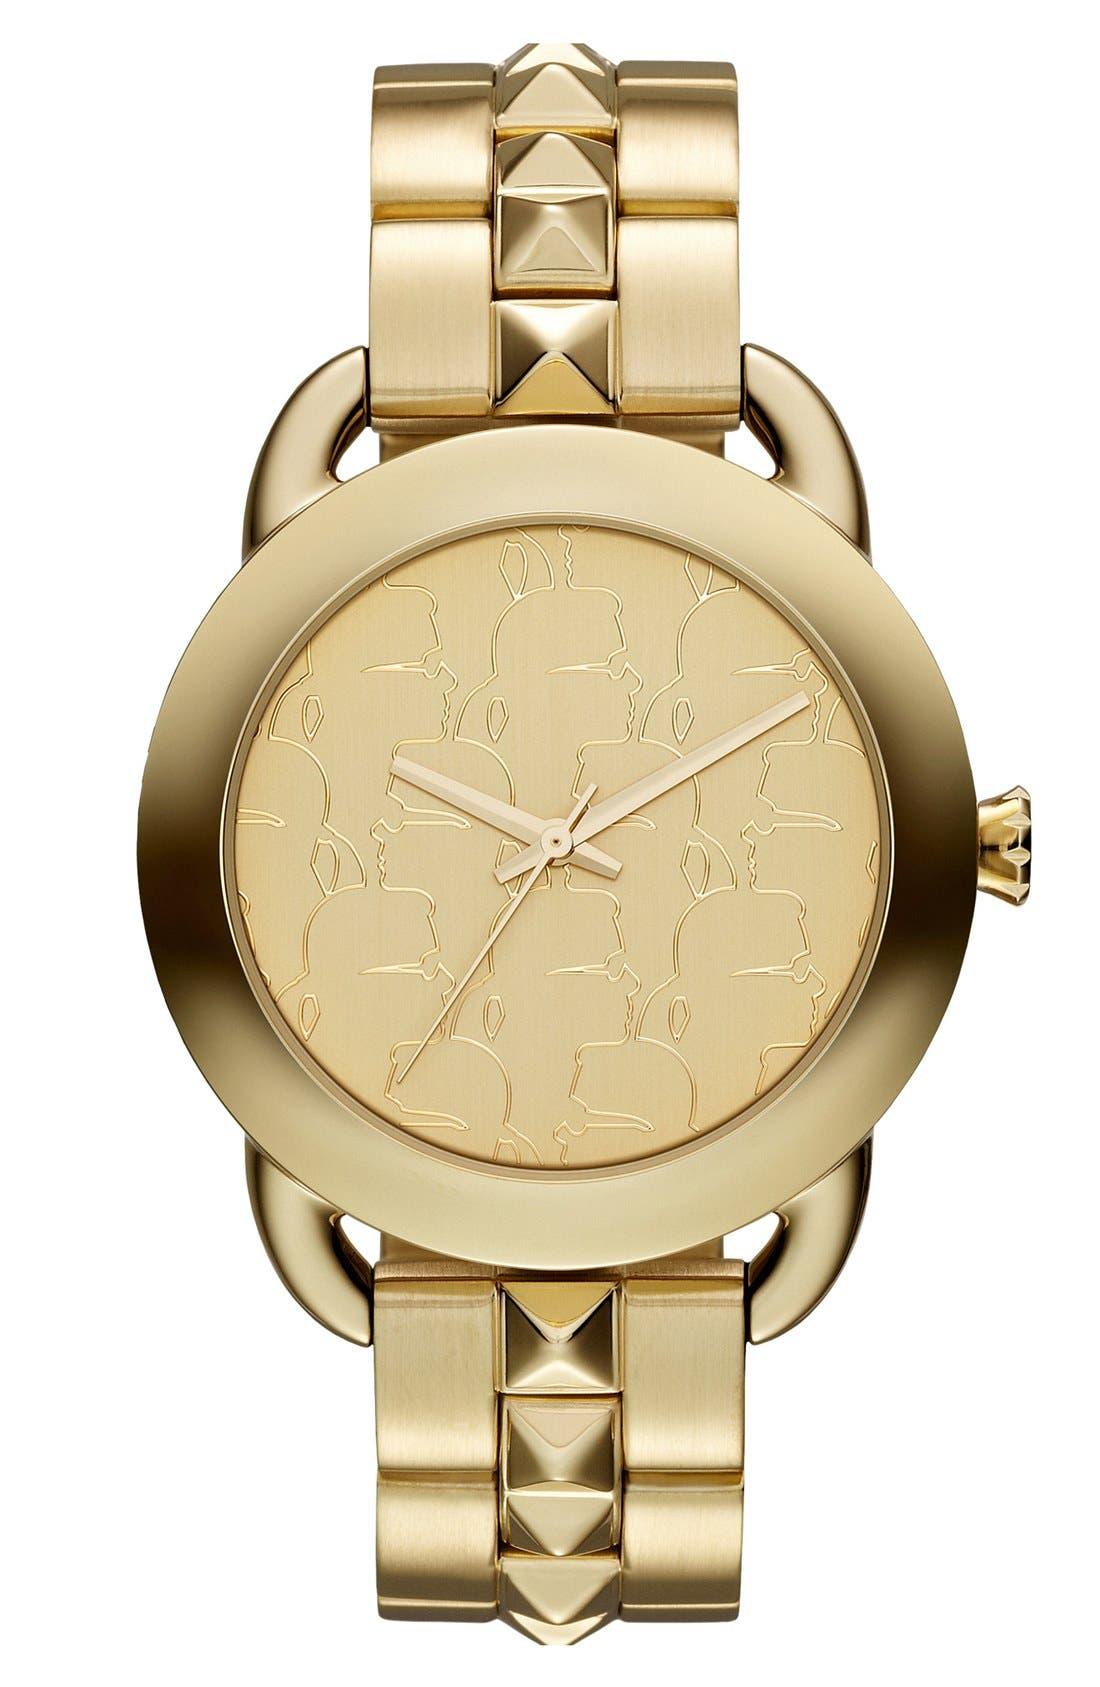 Main Image - KARL LAGERFELD 'Pop' Bracelet Watch, 40mm